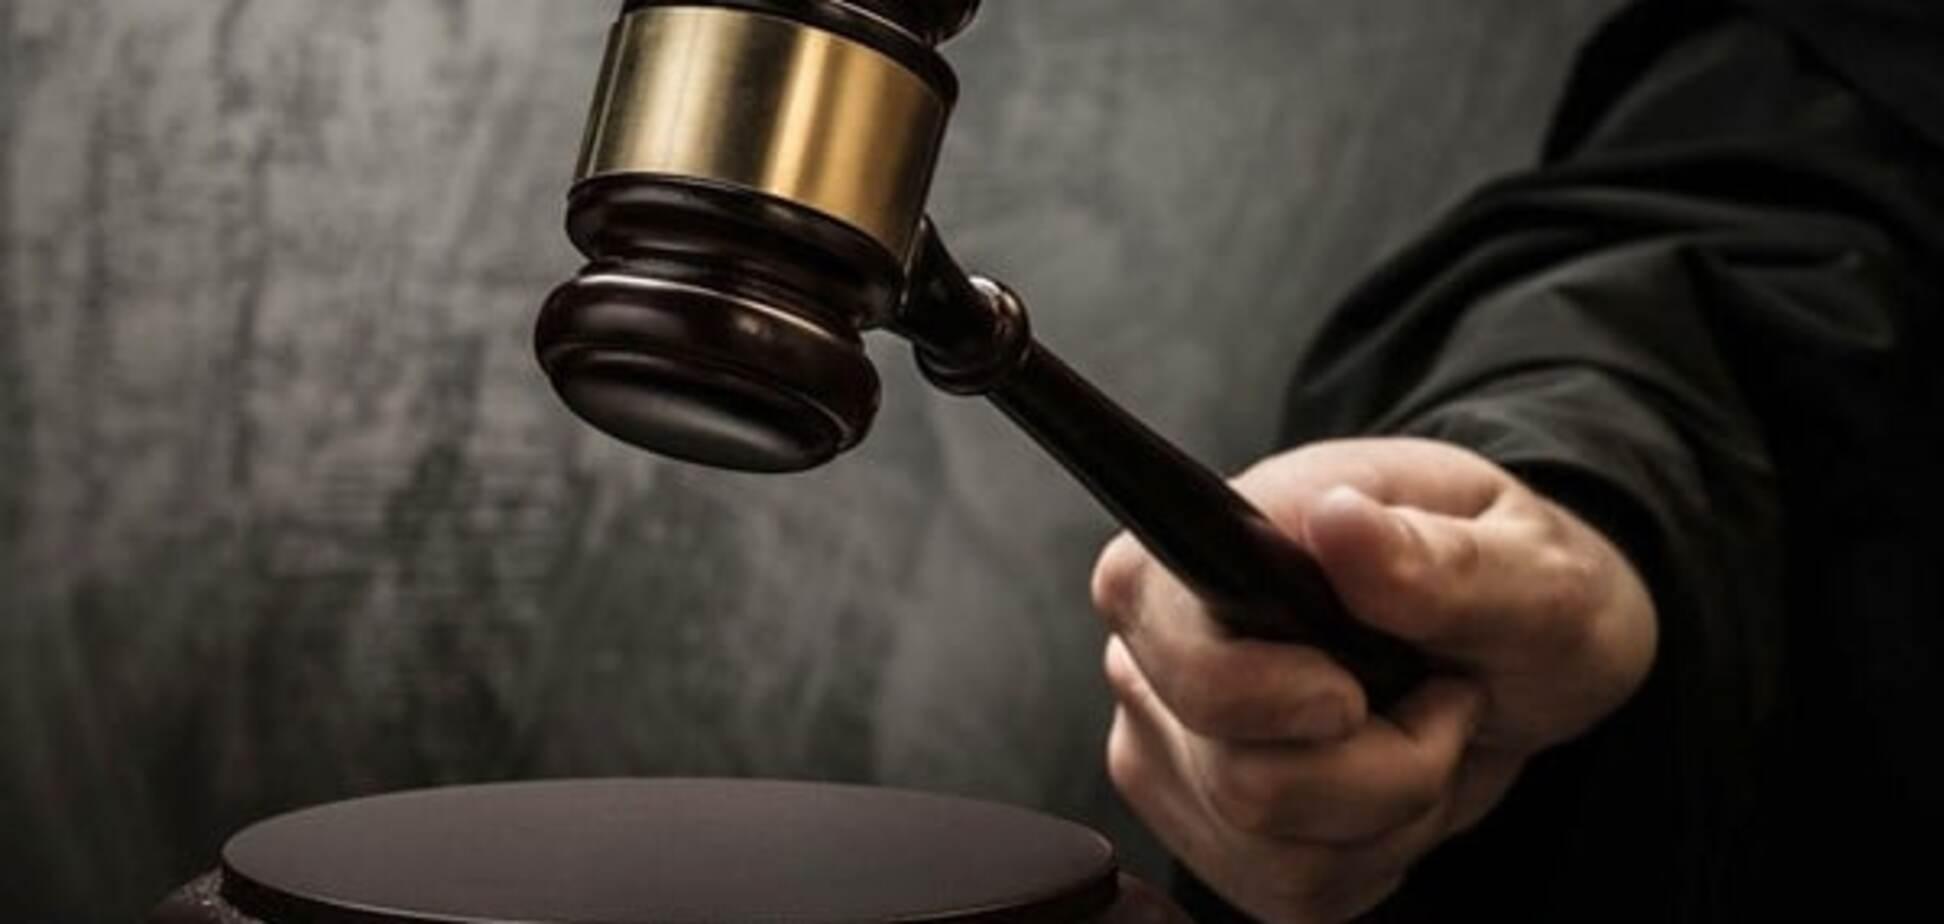 Вінницький суд засудив шпигуна 'ДНР' до 14 років в'язниці